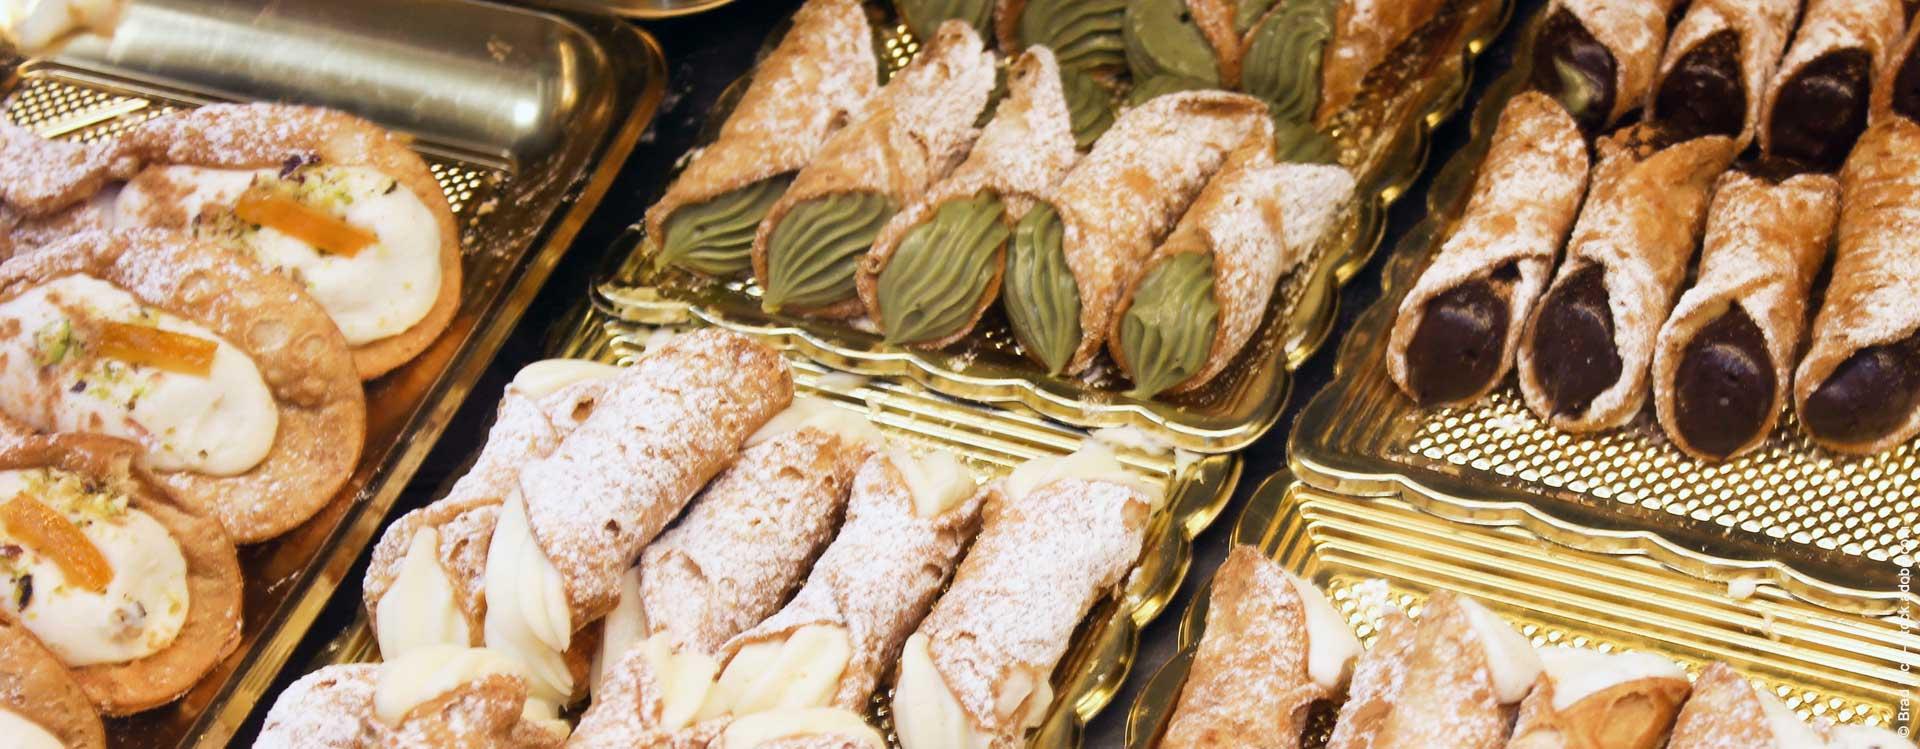 Italien Süßes Mediterrane Produkte